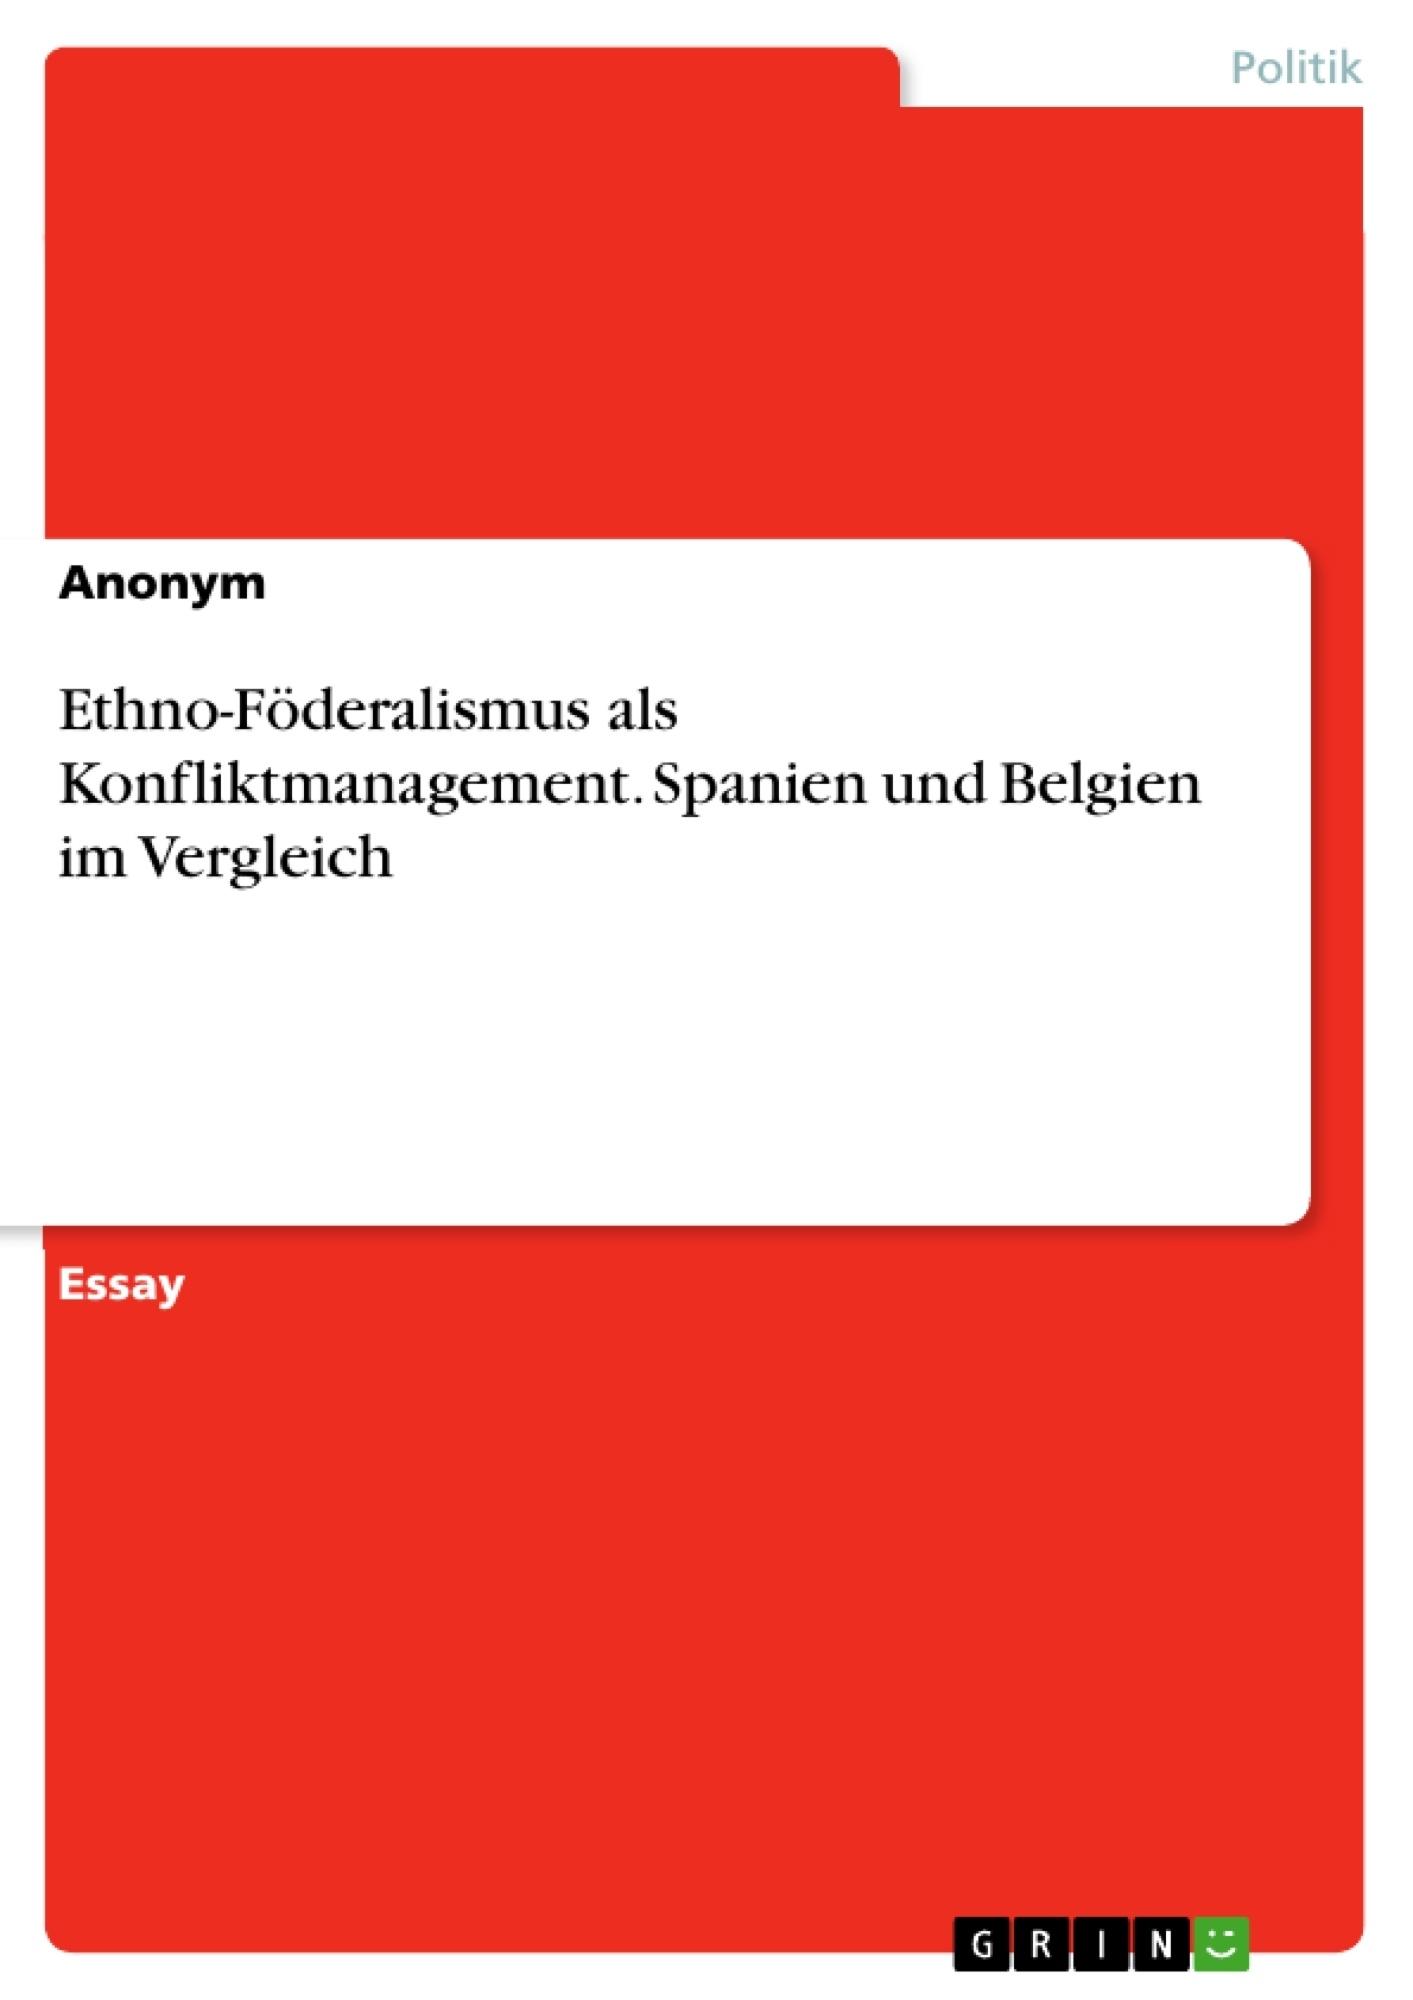 Titel: Ethno-Föderalismus als Konfliktmanagement. Spanien und Belgien im Vergleich